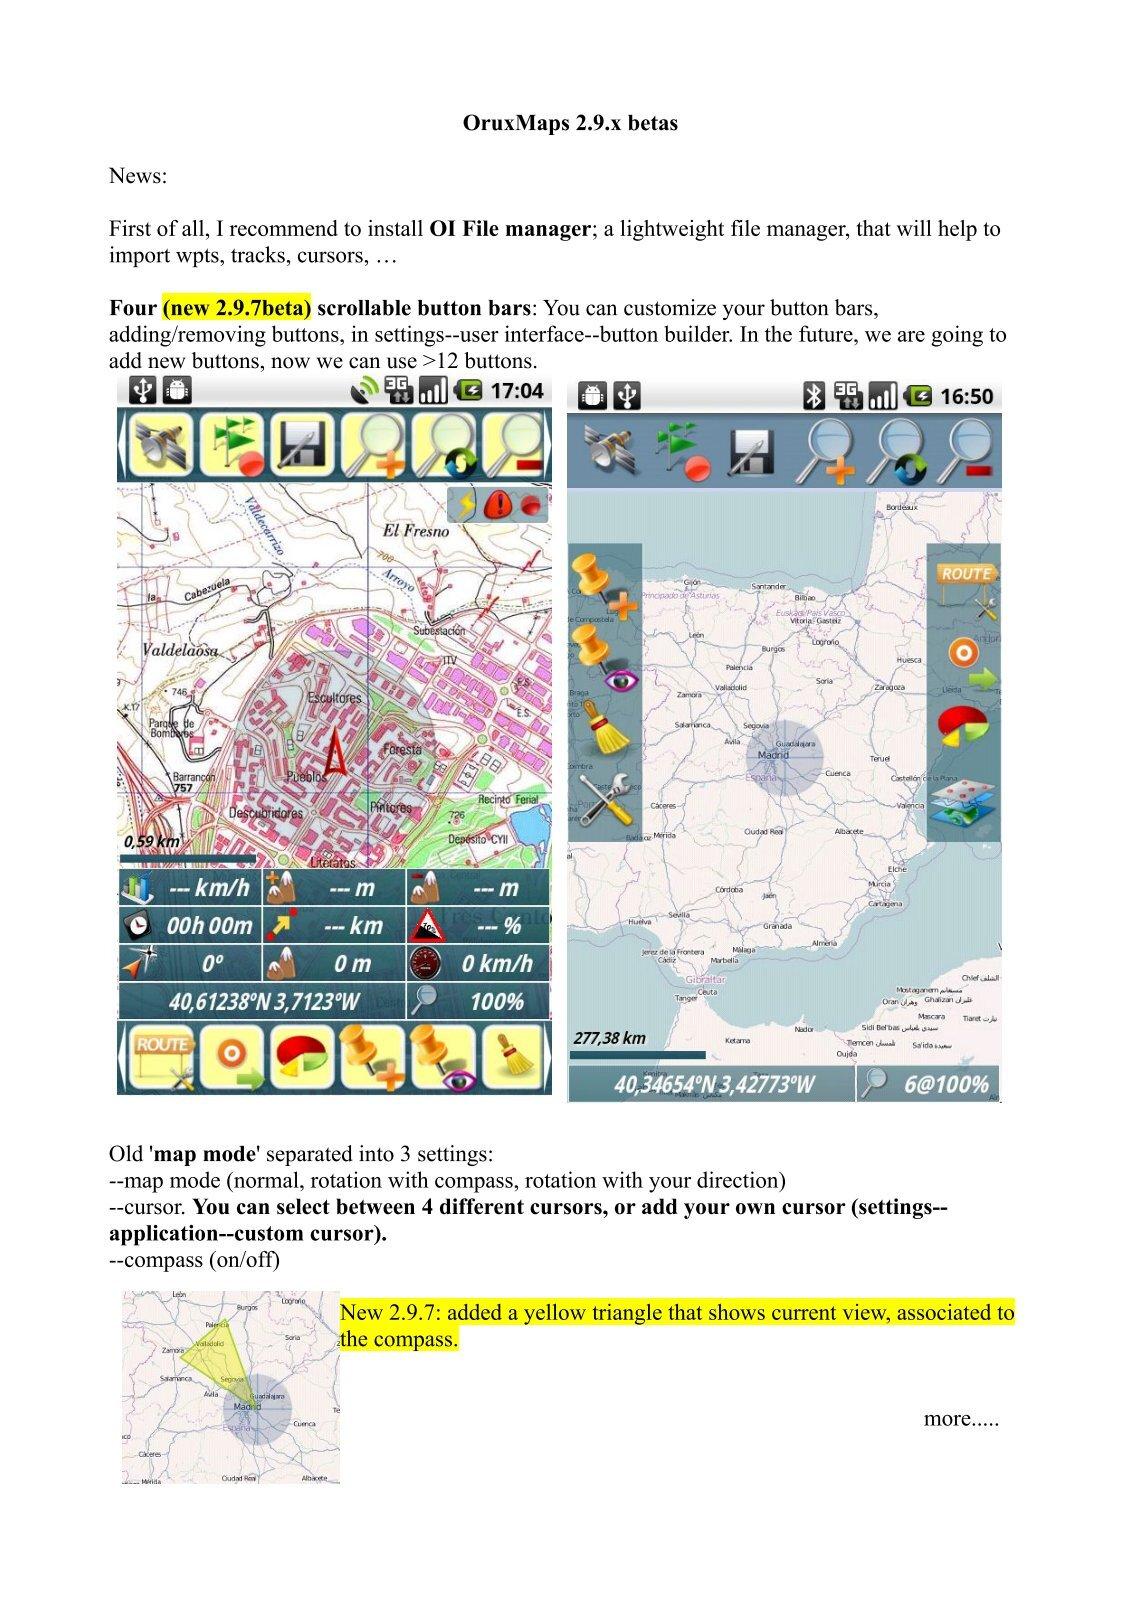 carte pour oruxmaps